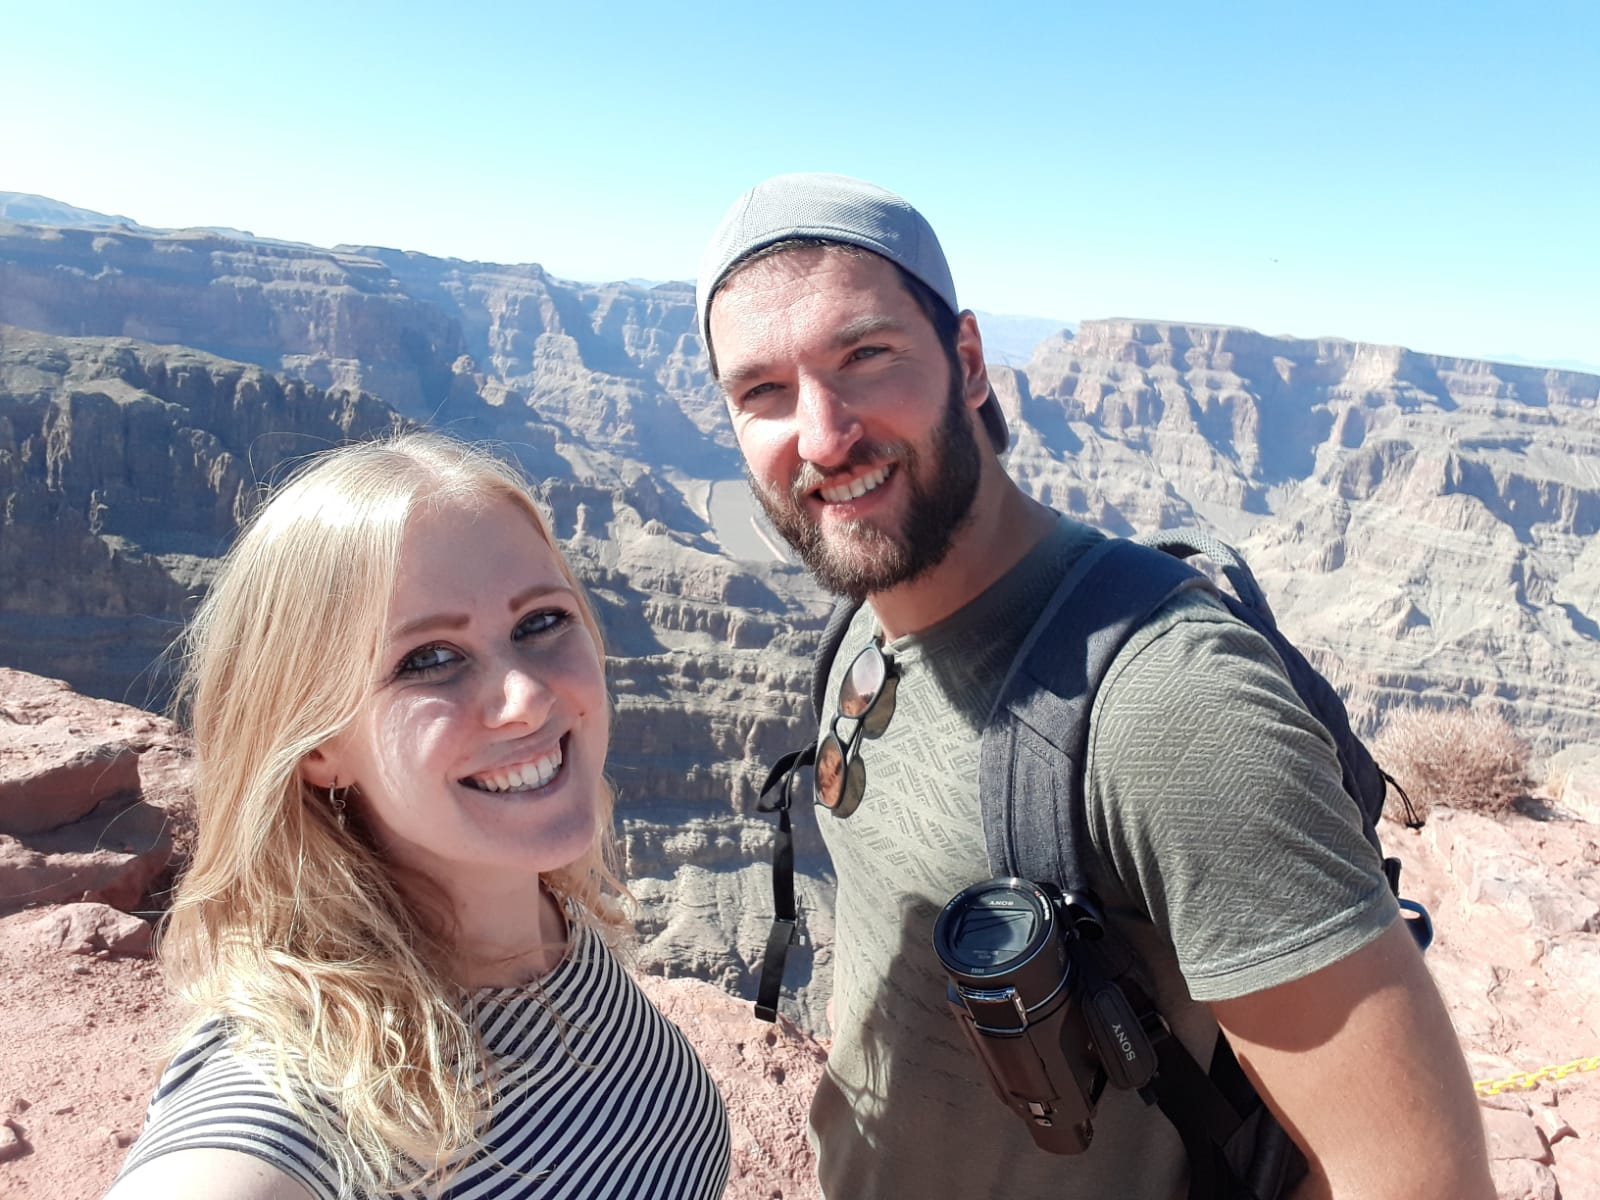 Reisgids + tips voor een bezoek aan de Grand Canyon